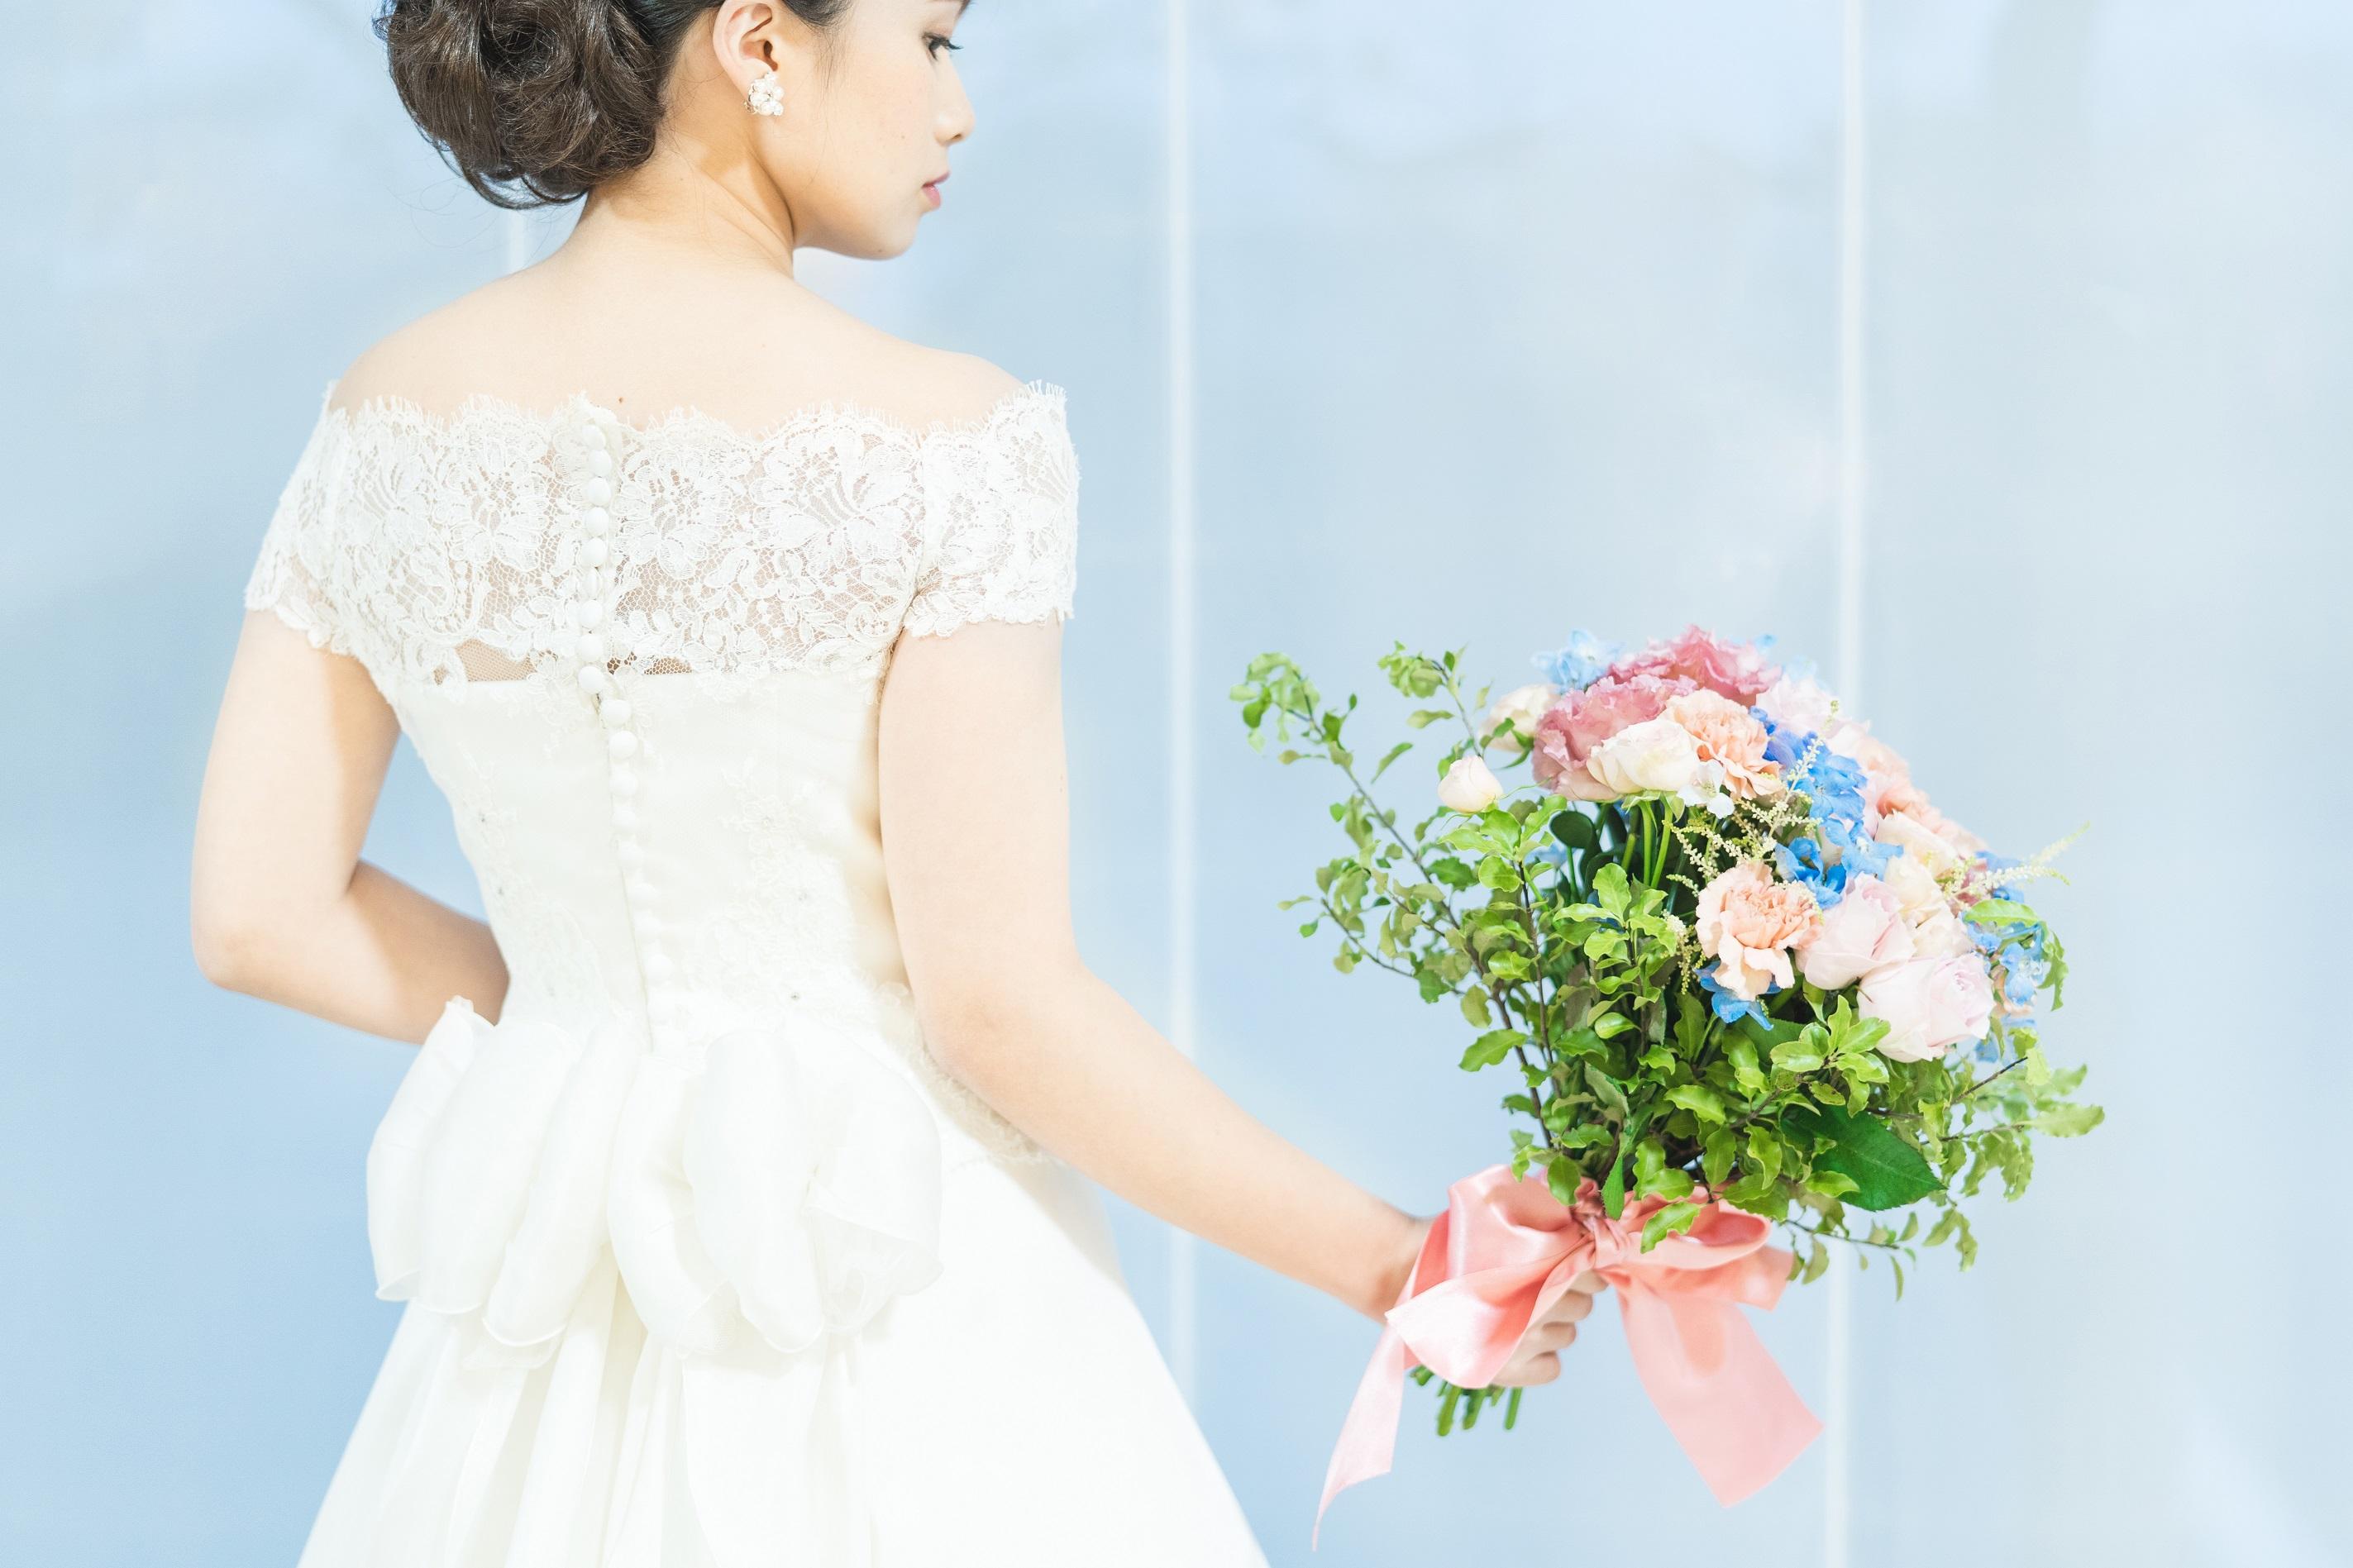 結婚式当日【ドレス2点】でゲストとゆっくりとした時間を過ごしたい方向け